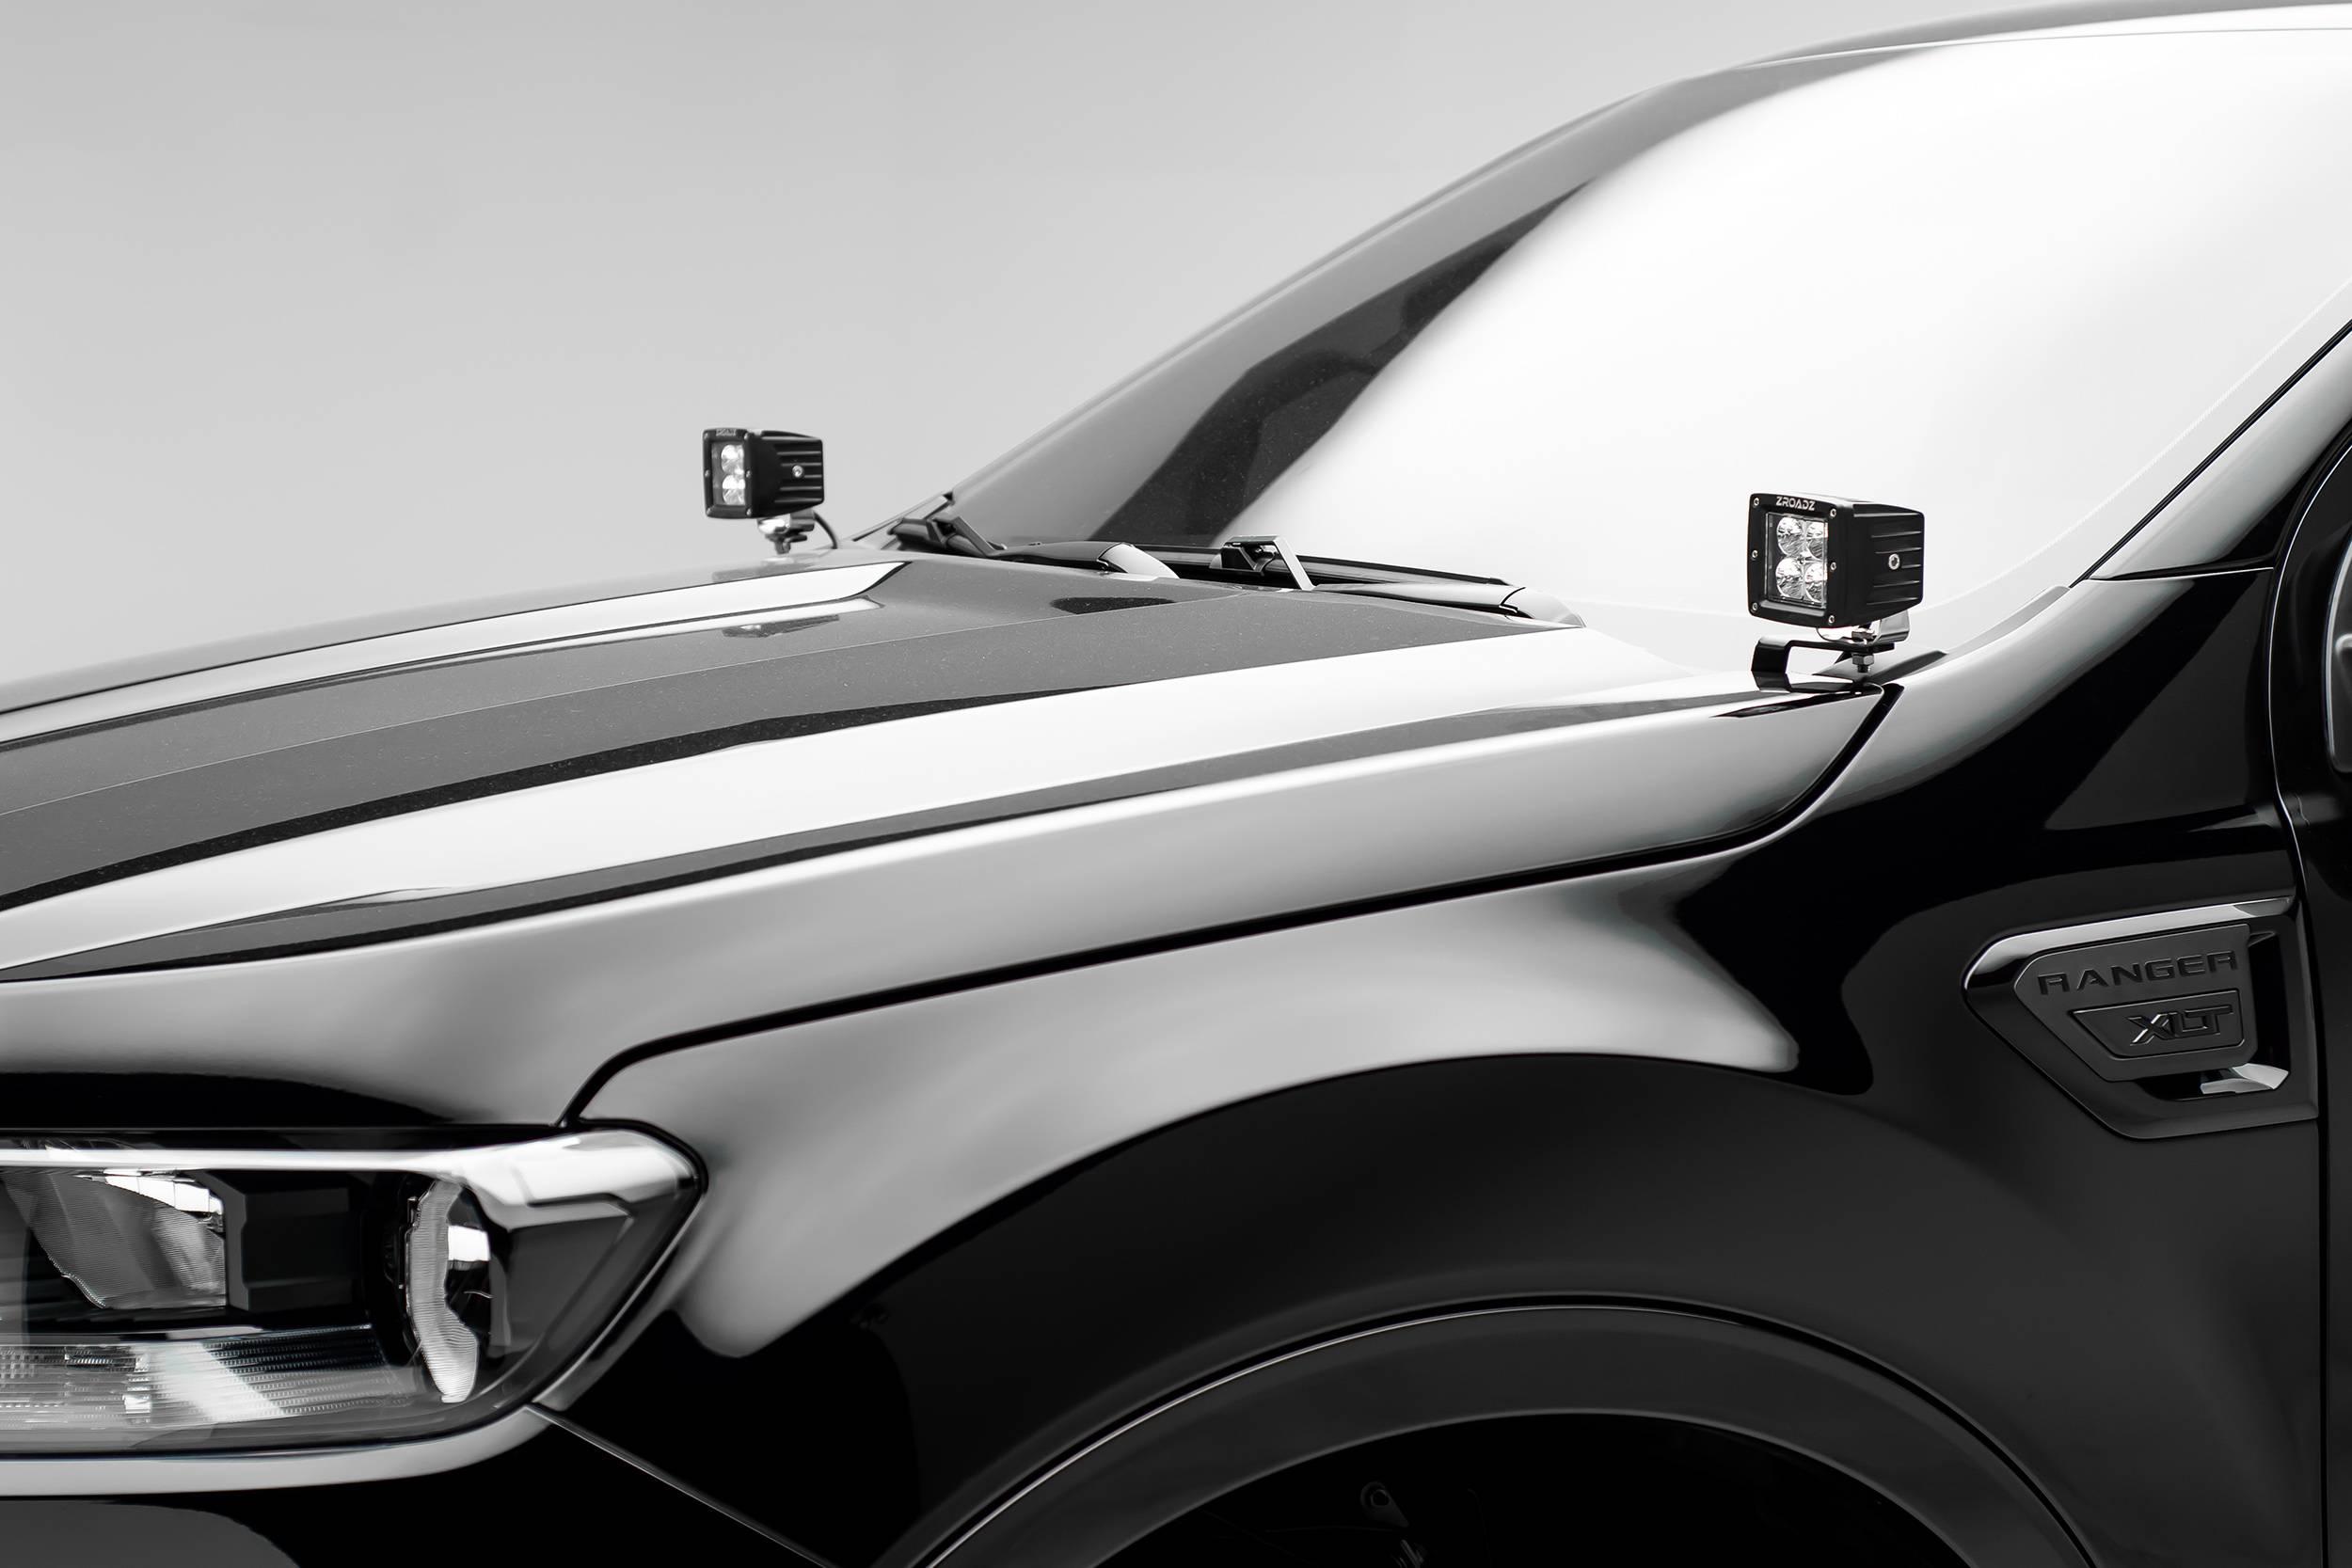 ZROADZ                                             - 2019-2021 Ford Ranger Hood Hinge LED Bracket to mount (2) 3 Inch LED Pod Lights - PN #Z365821